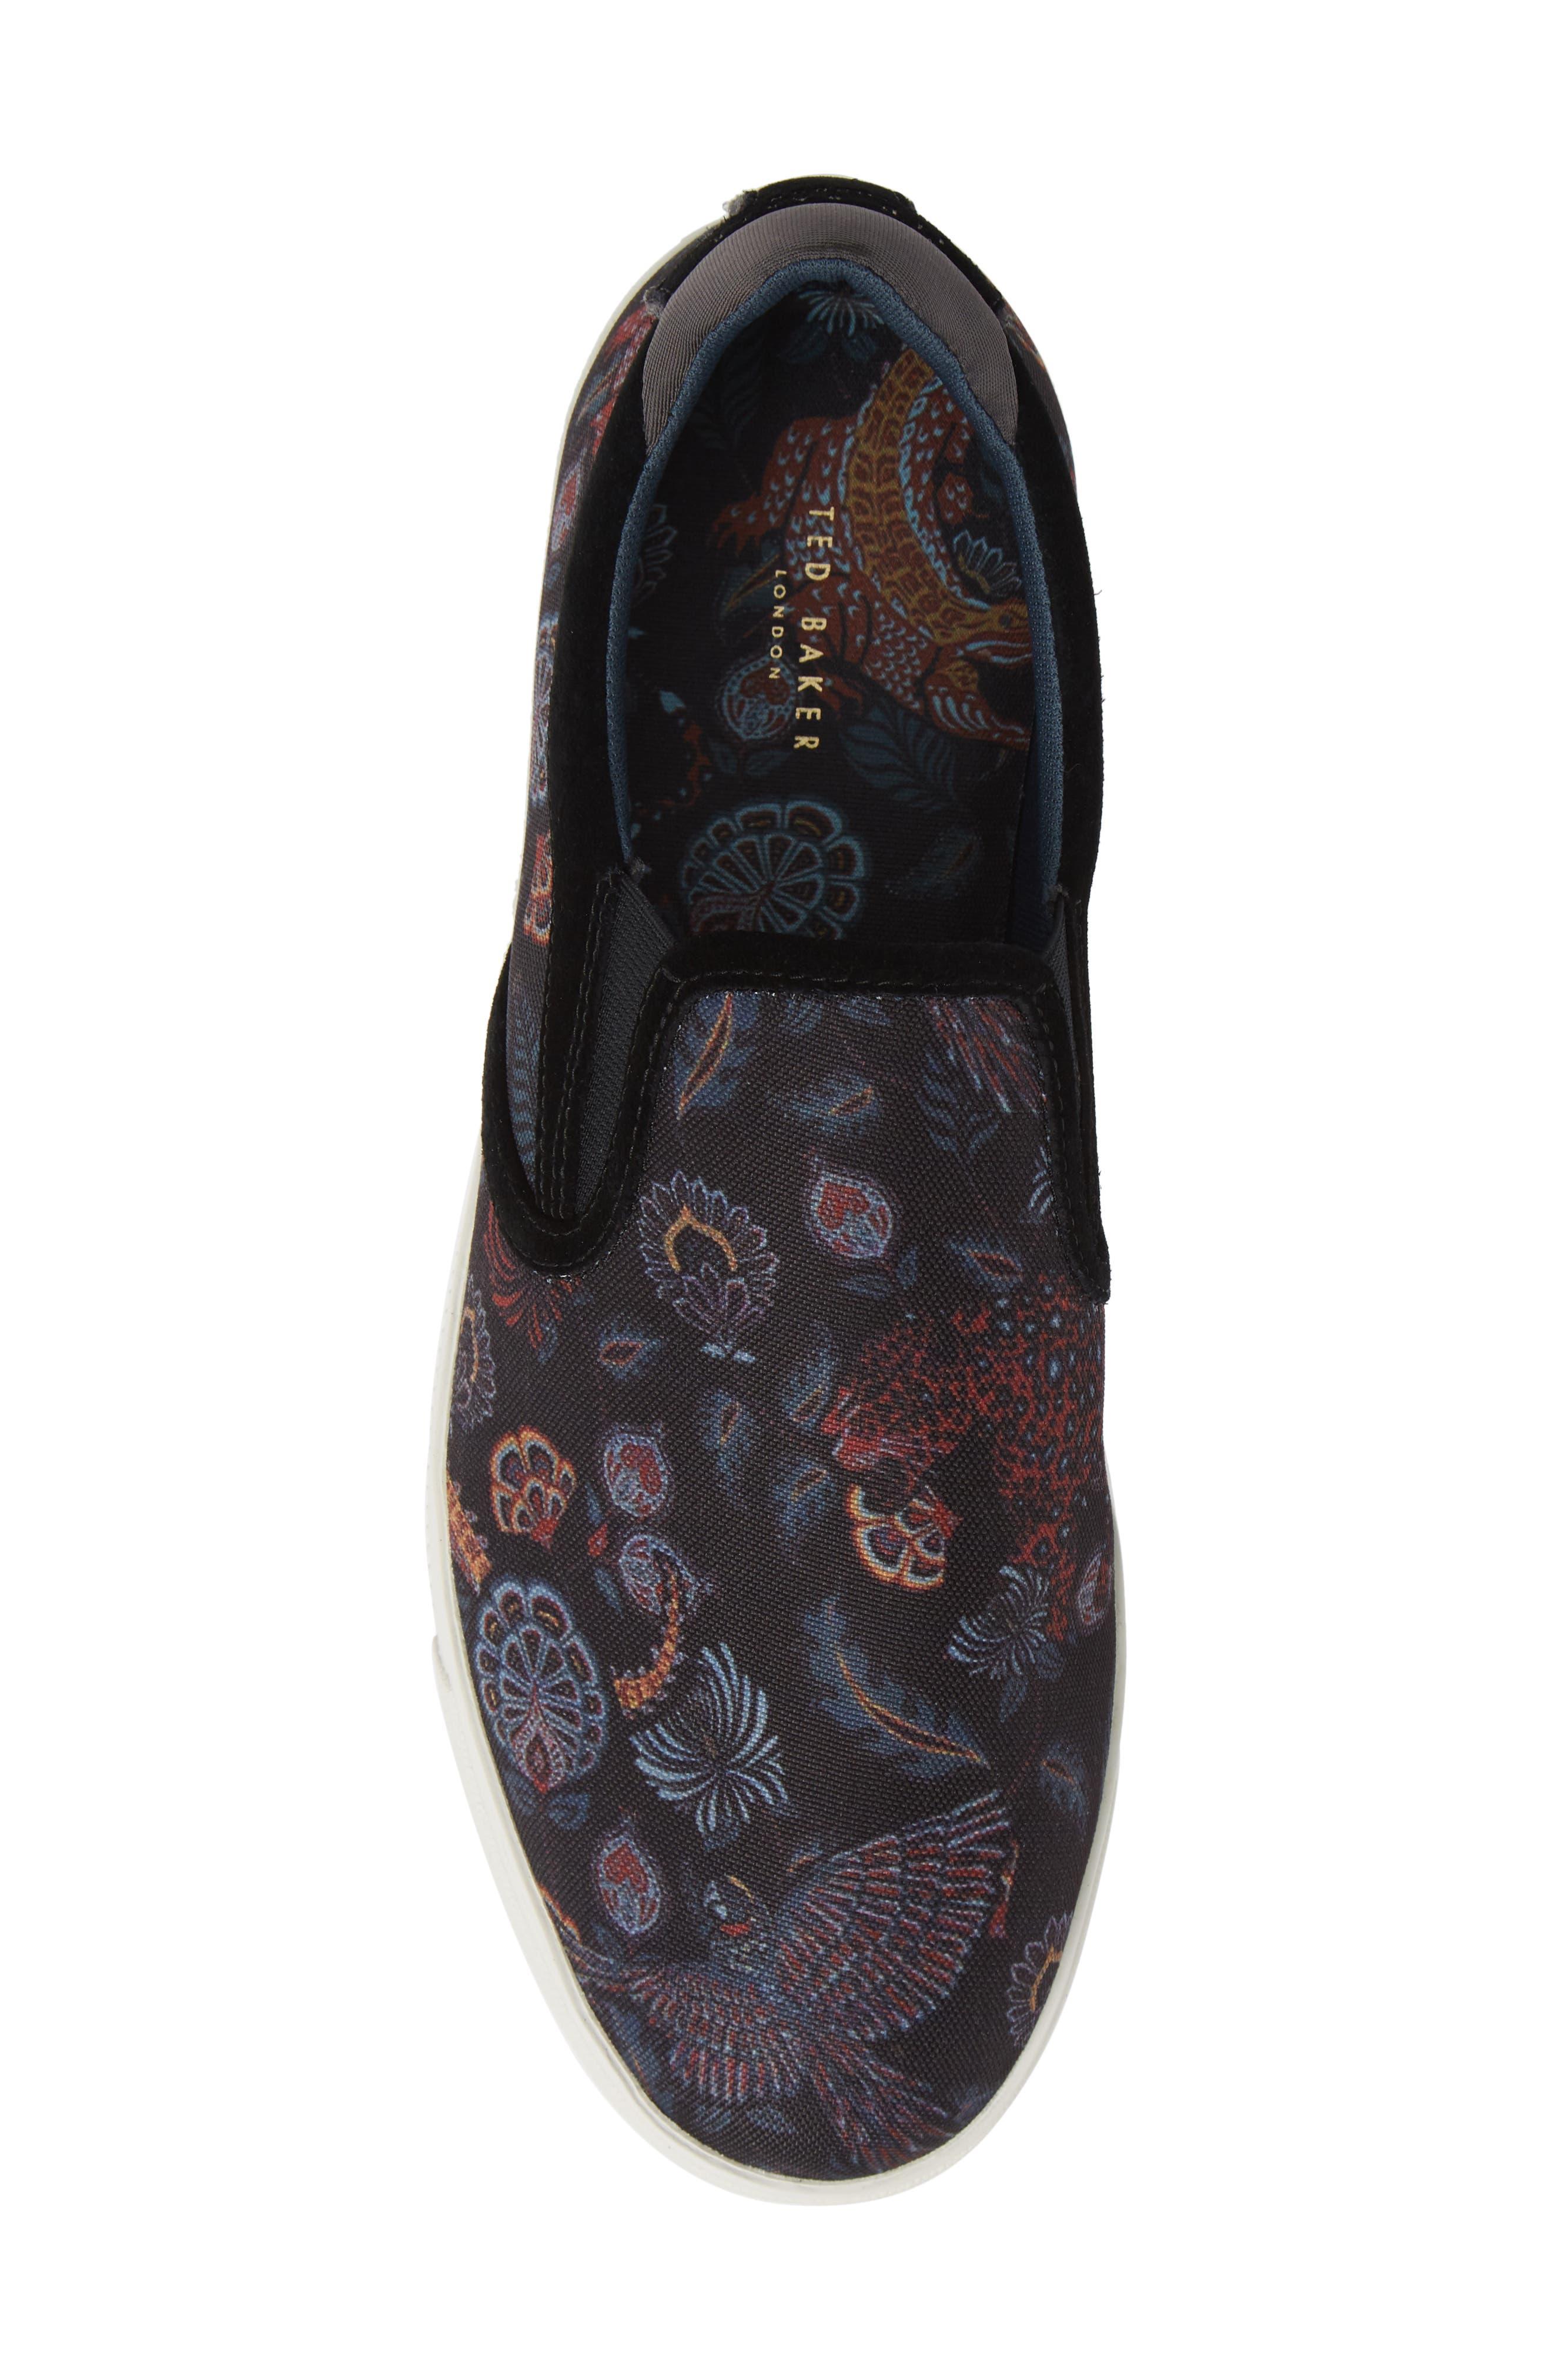 TED BAKER LONDON, Mhako Slip-On Sneaker, Alternate thumbnail 5, color, BLACK/ GREY